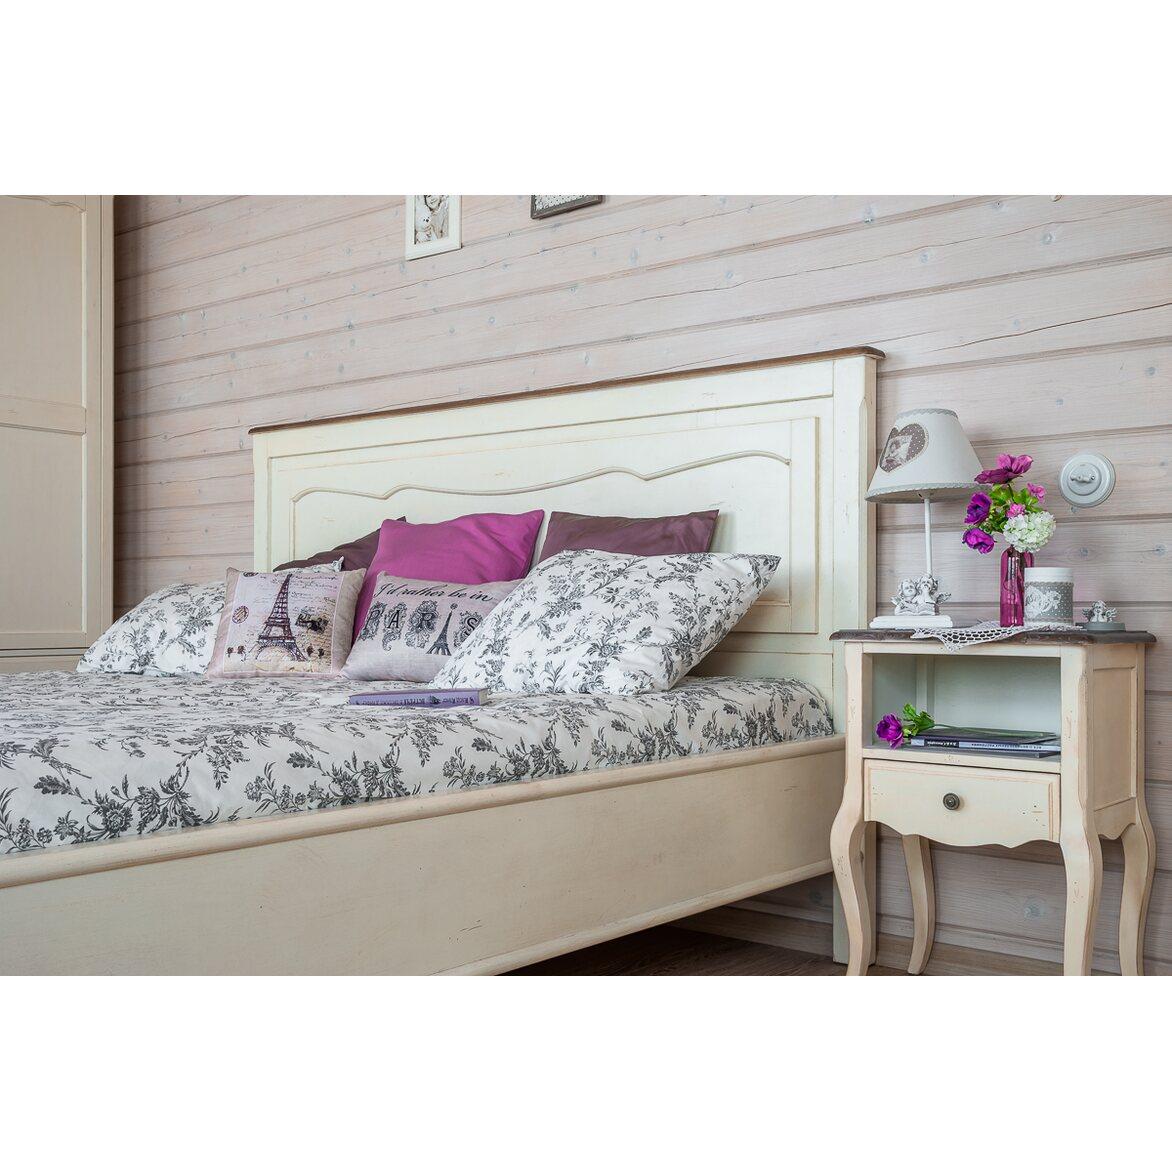 Кровать 140*200 Leontina, бежевого цвета 2 | Односпальные кровати Kingsby